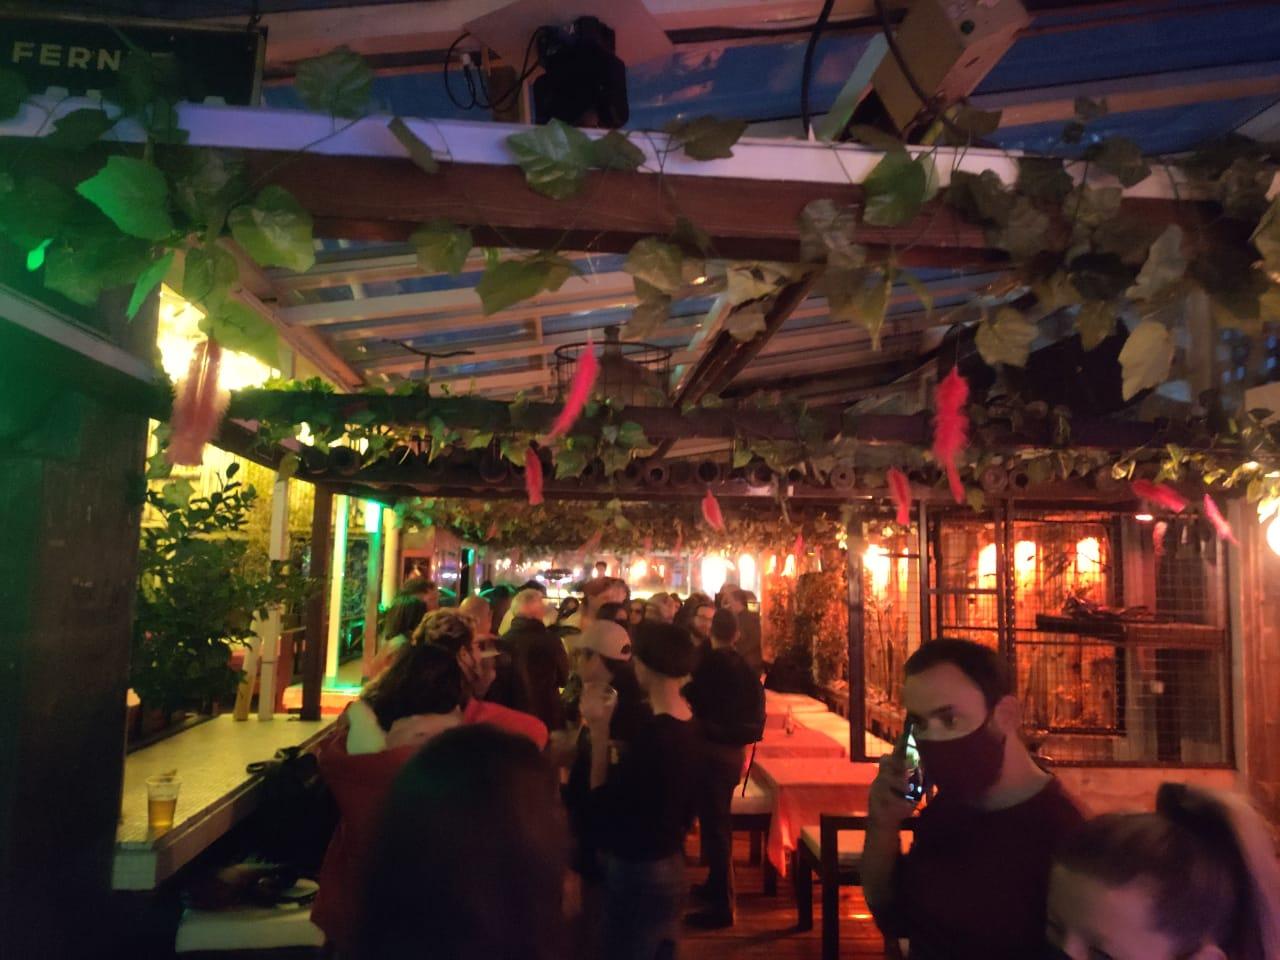 Clausuraron un bar en el que se desarrollaba una fiesta de música electrónica con 70 personas